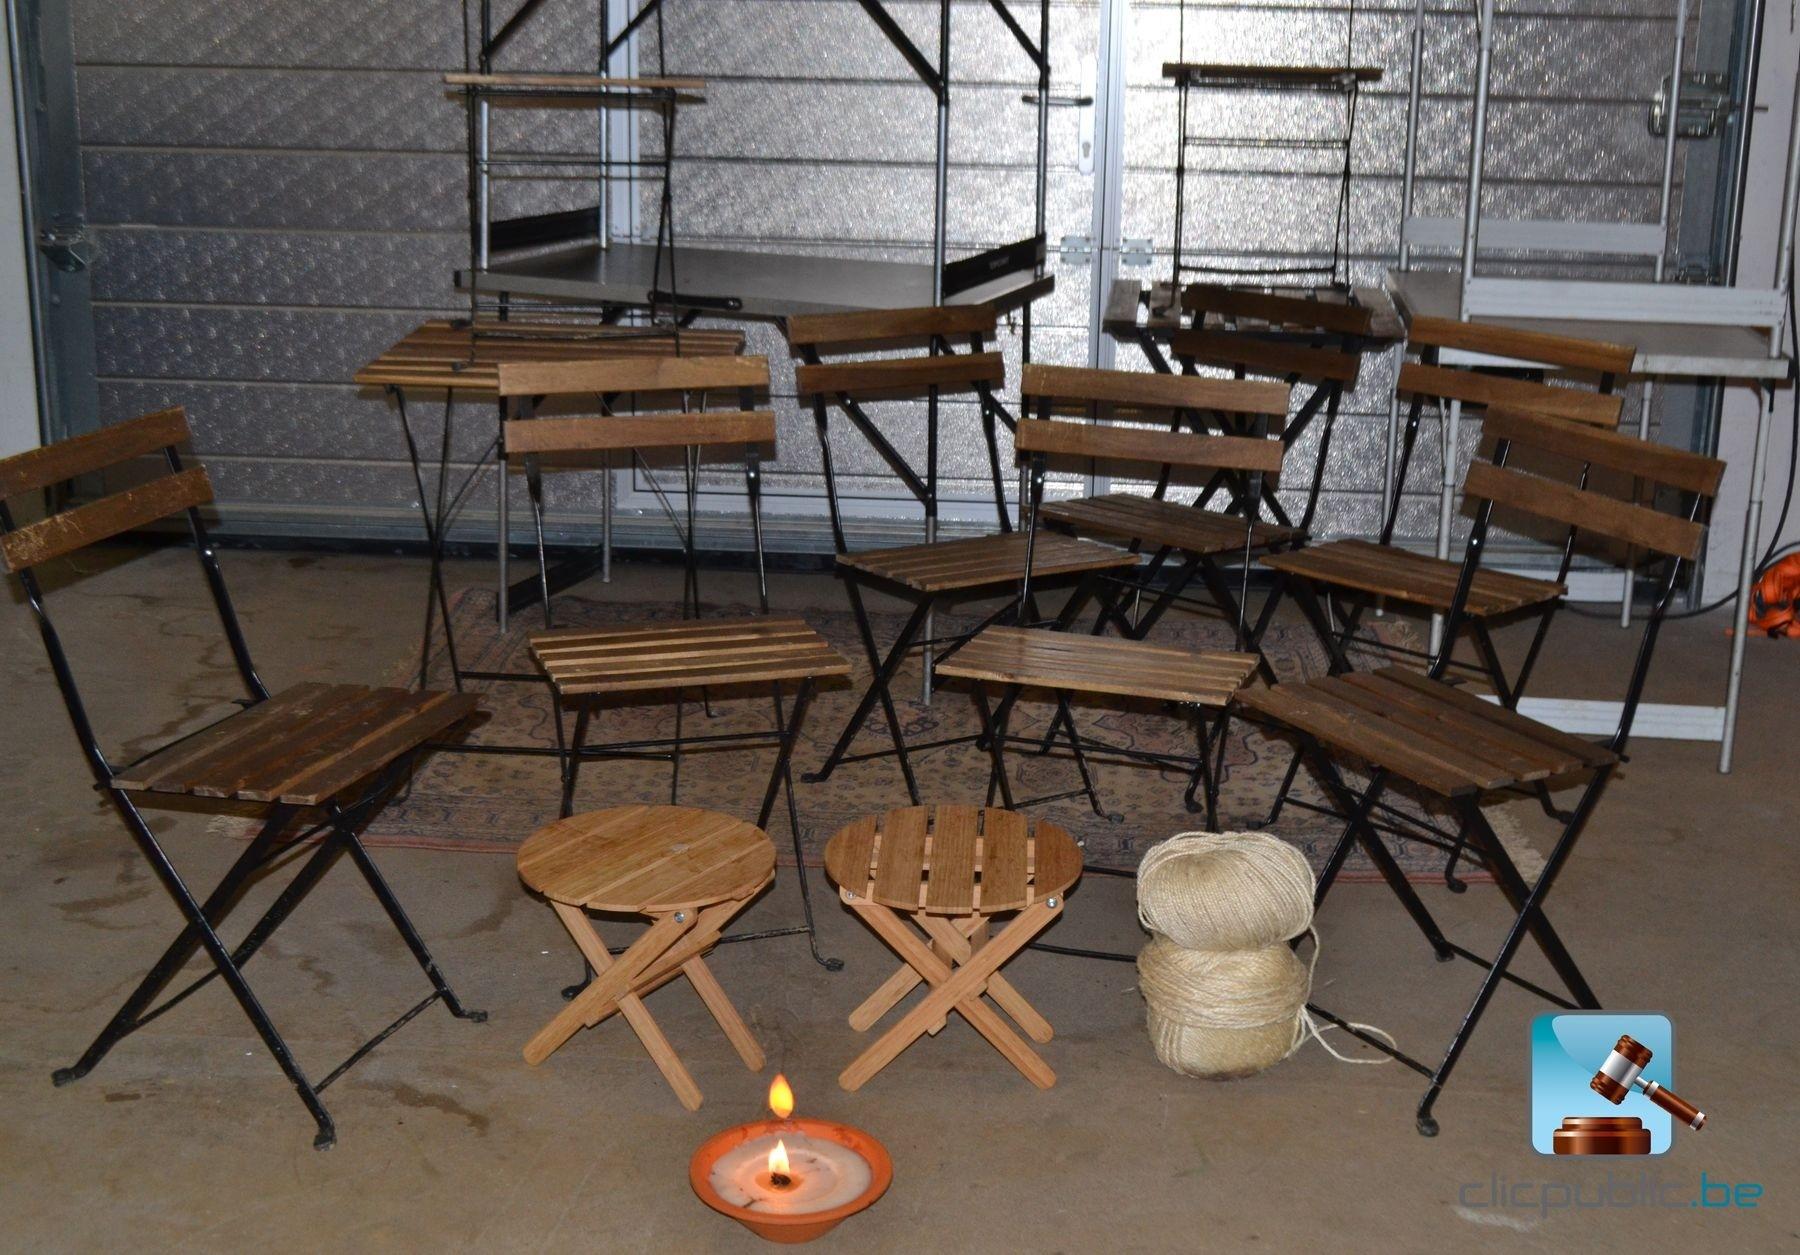 Horeca meubilair tafels en stoelen ref 4 vendre sur for Meubilair horeca